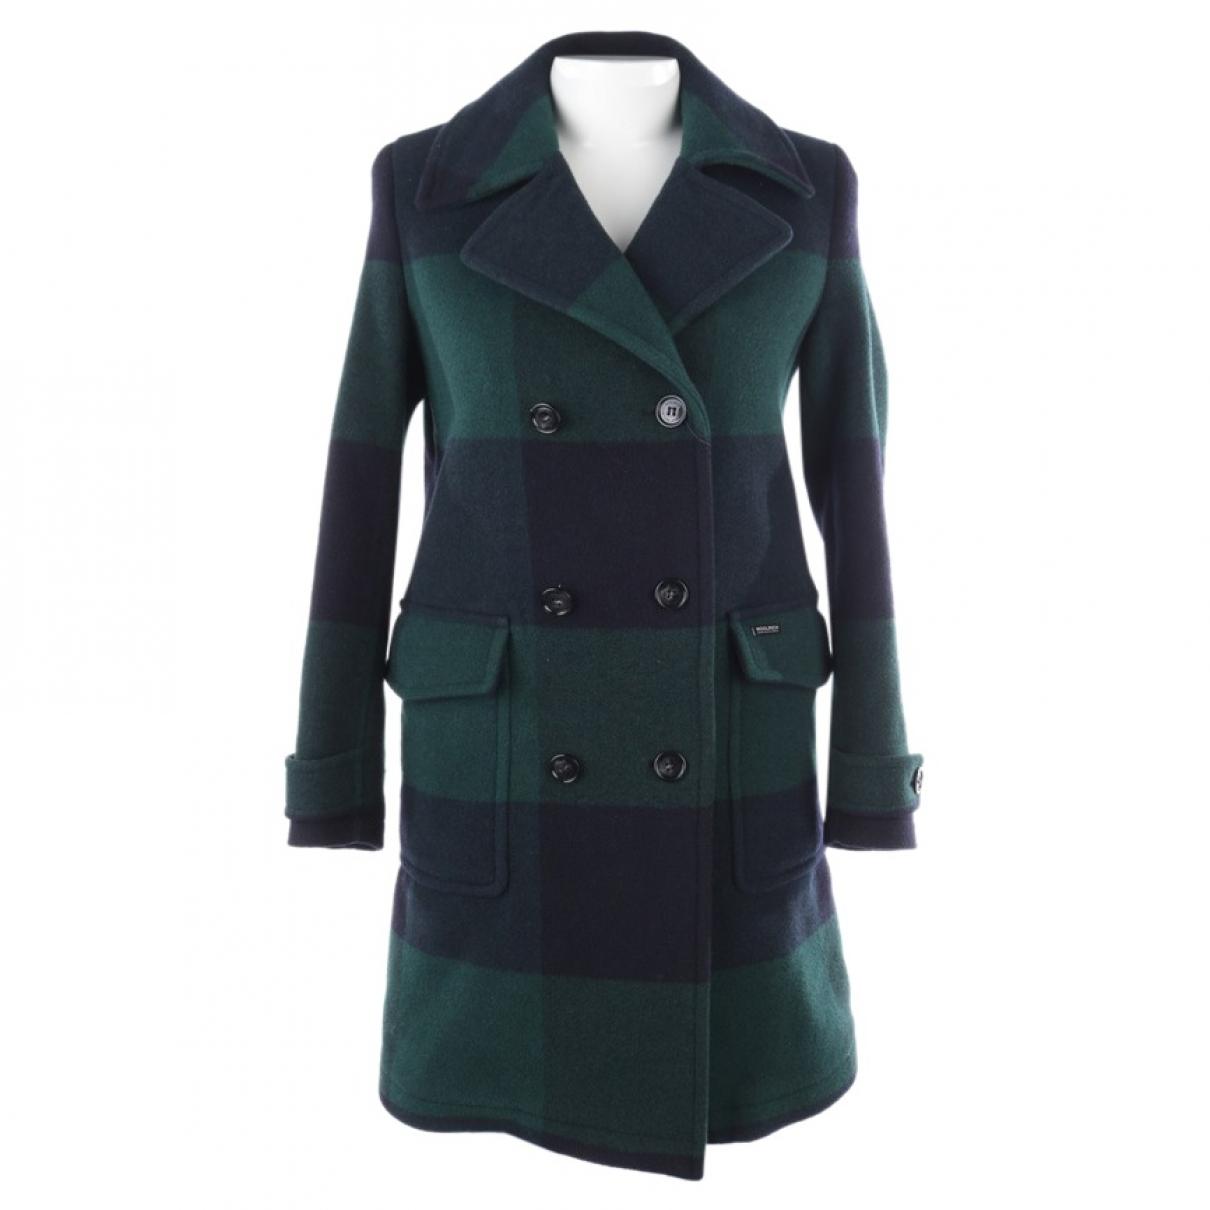 Woolrich \N Green Wool coat for Women XS International